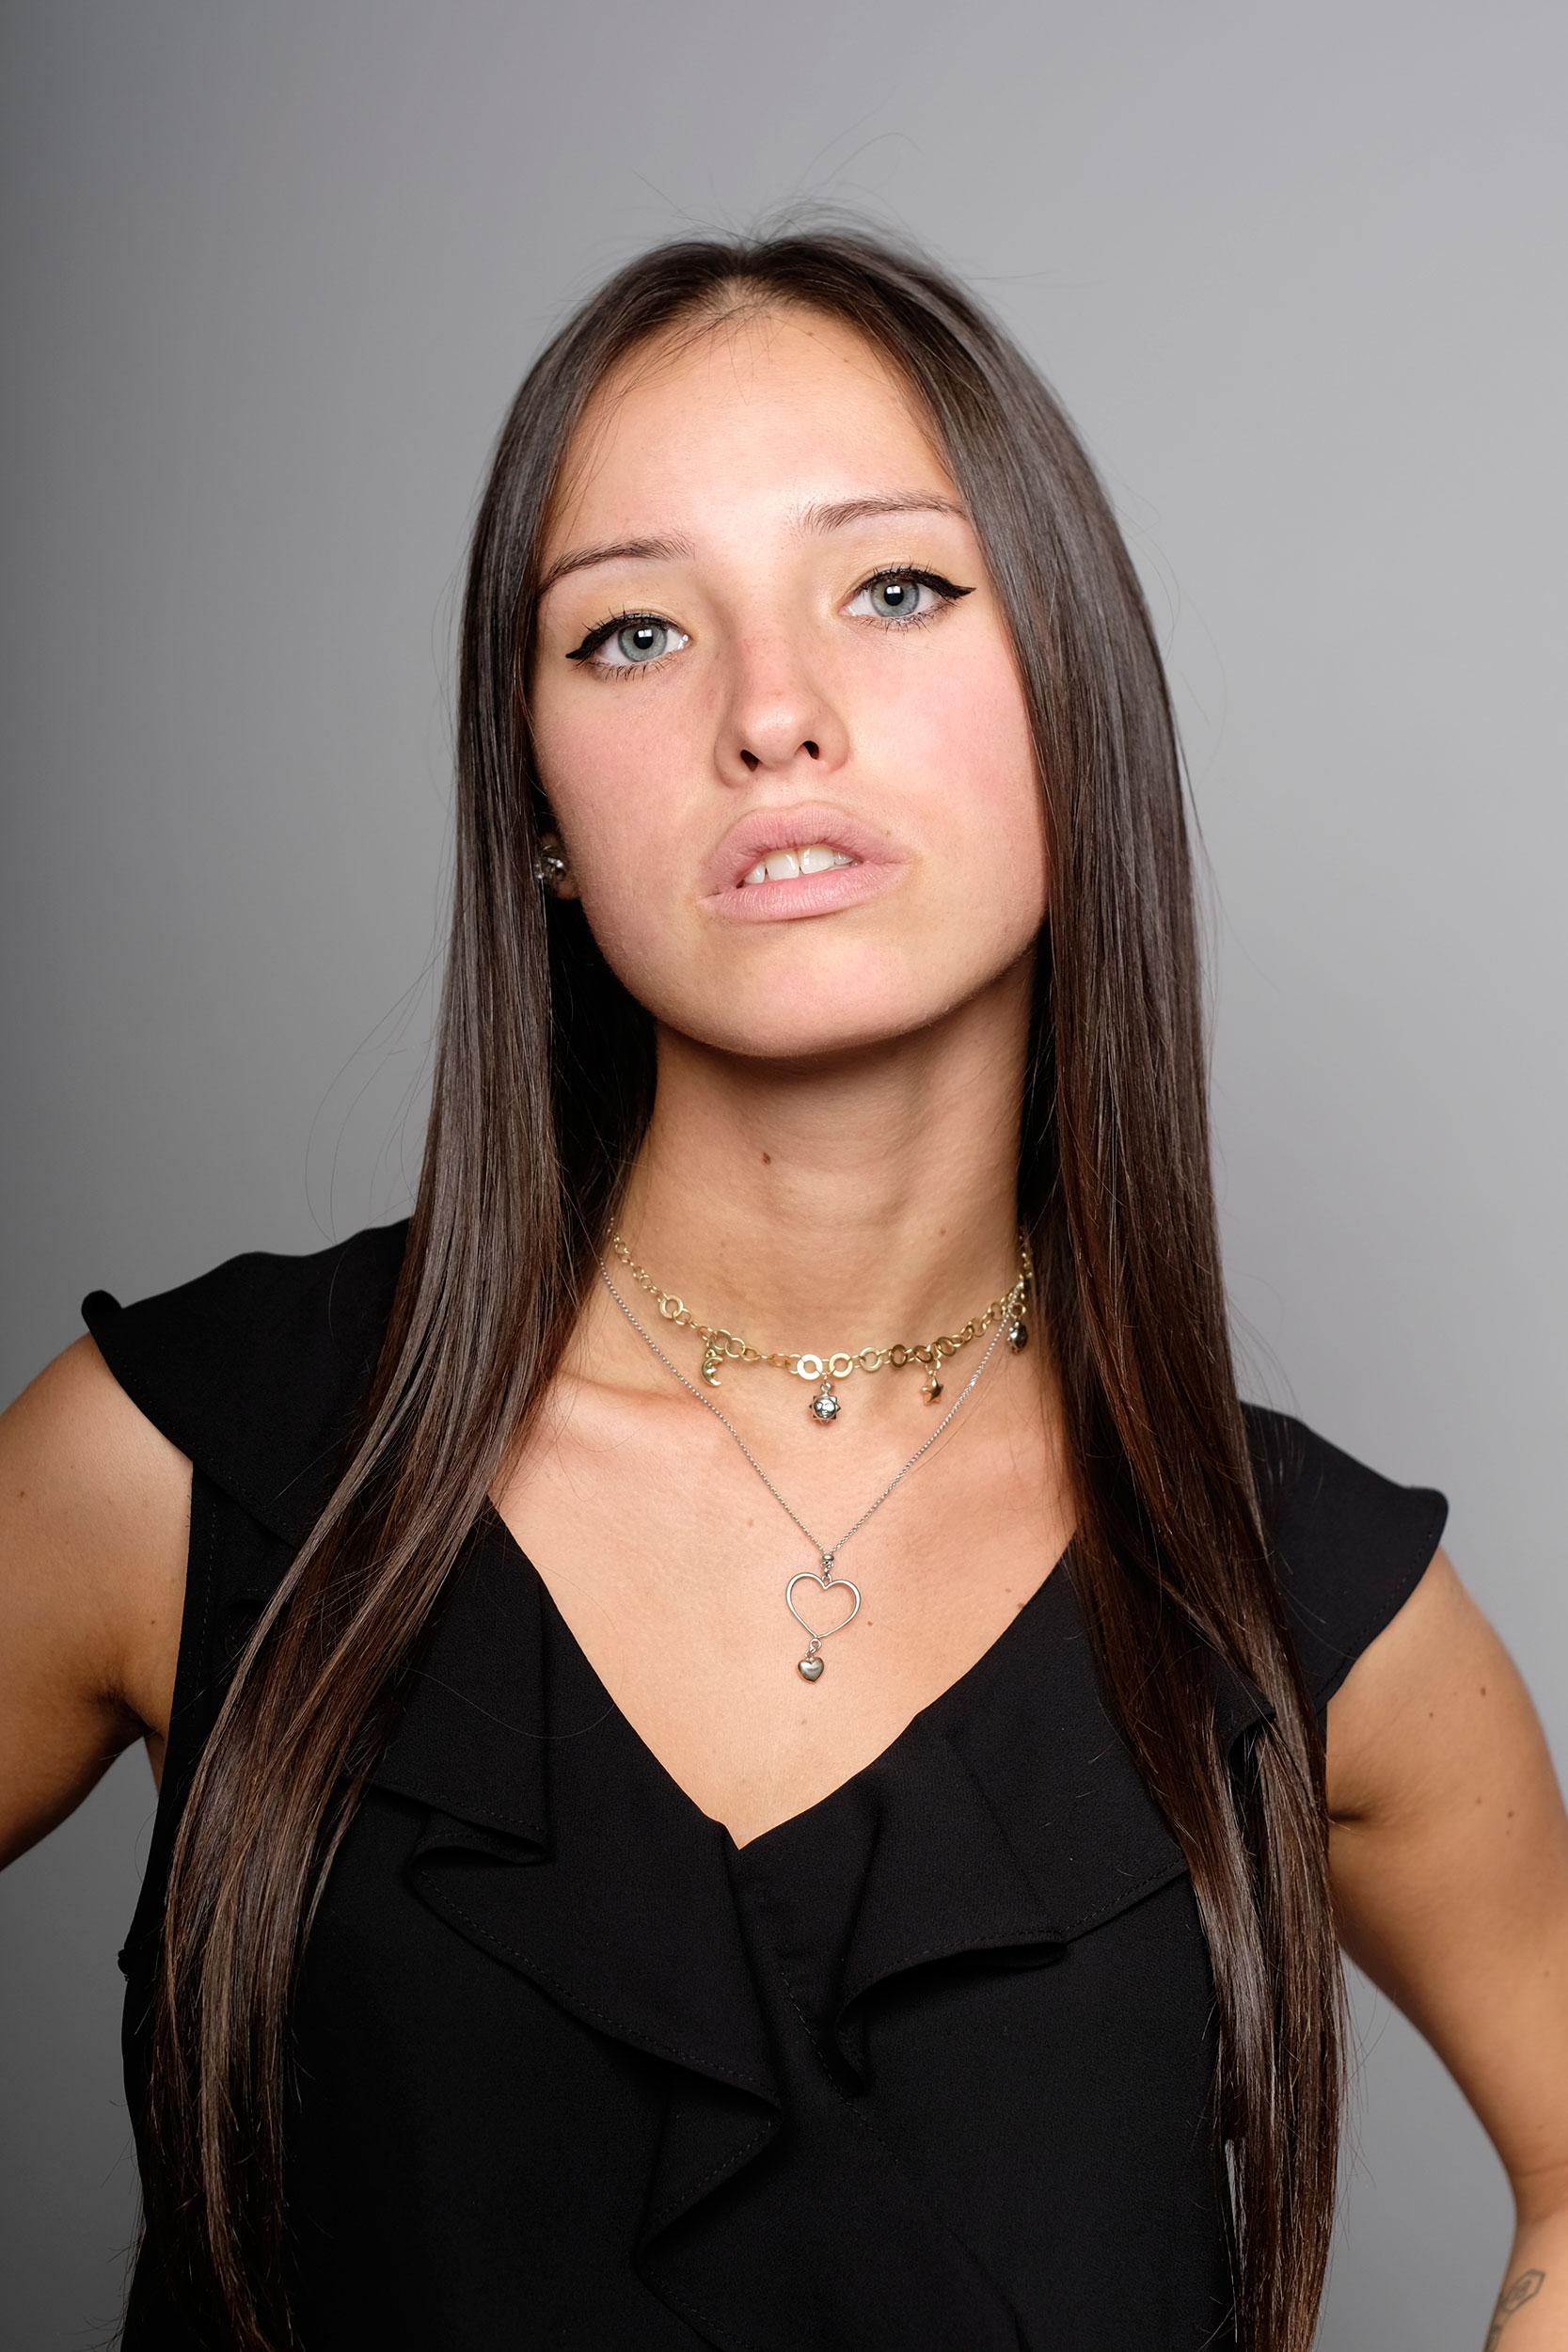 Aurora Petite Model - Creative Models - Agenzia di Modelle Brescia